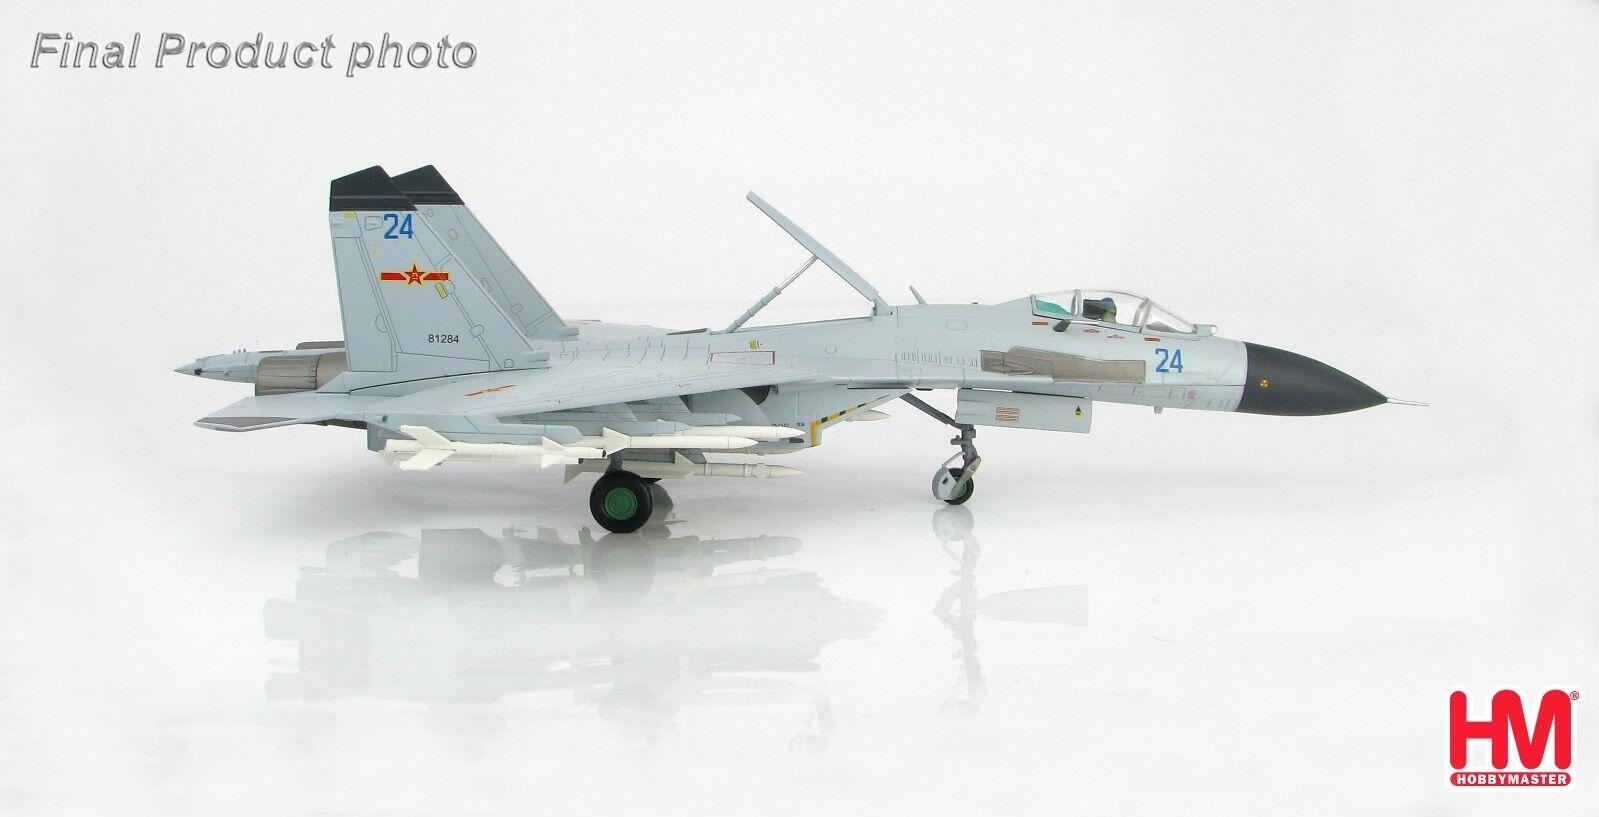 Hobby Master HA602,J -11BH Kinesisk multirollfighter blå 24, 2014